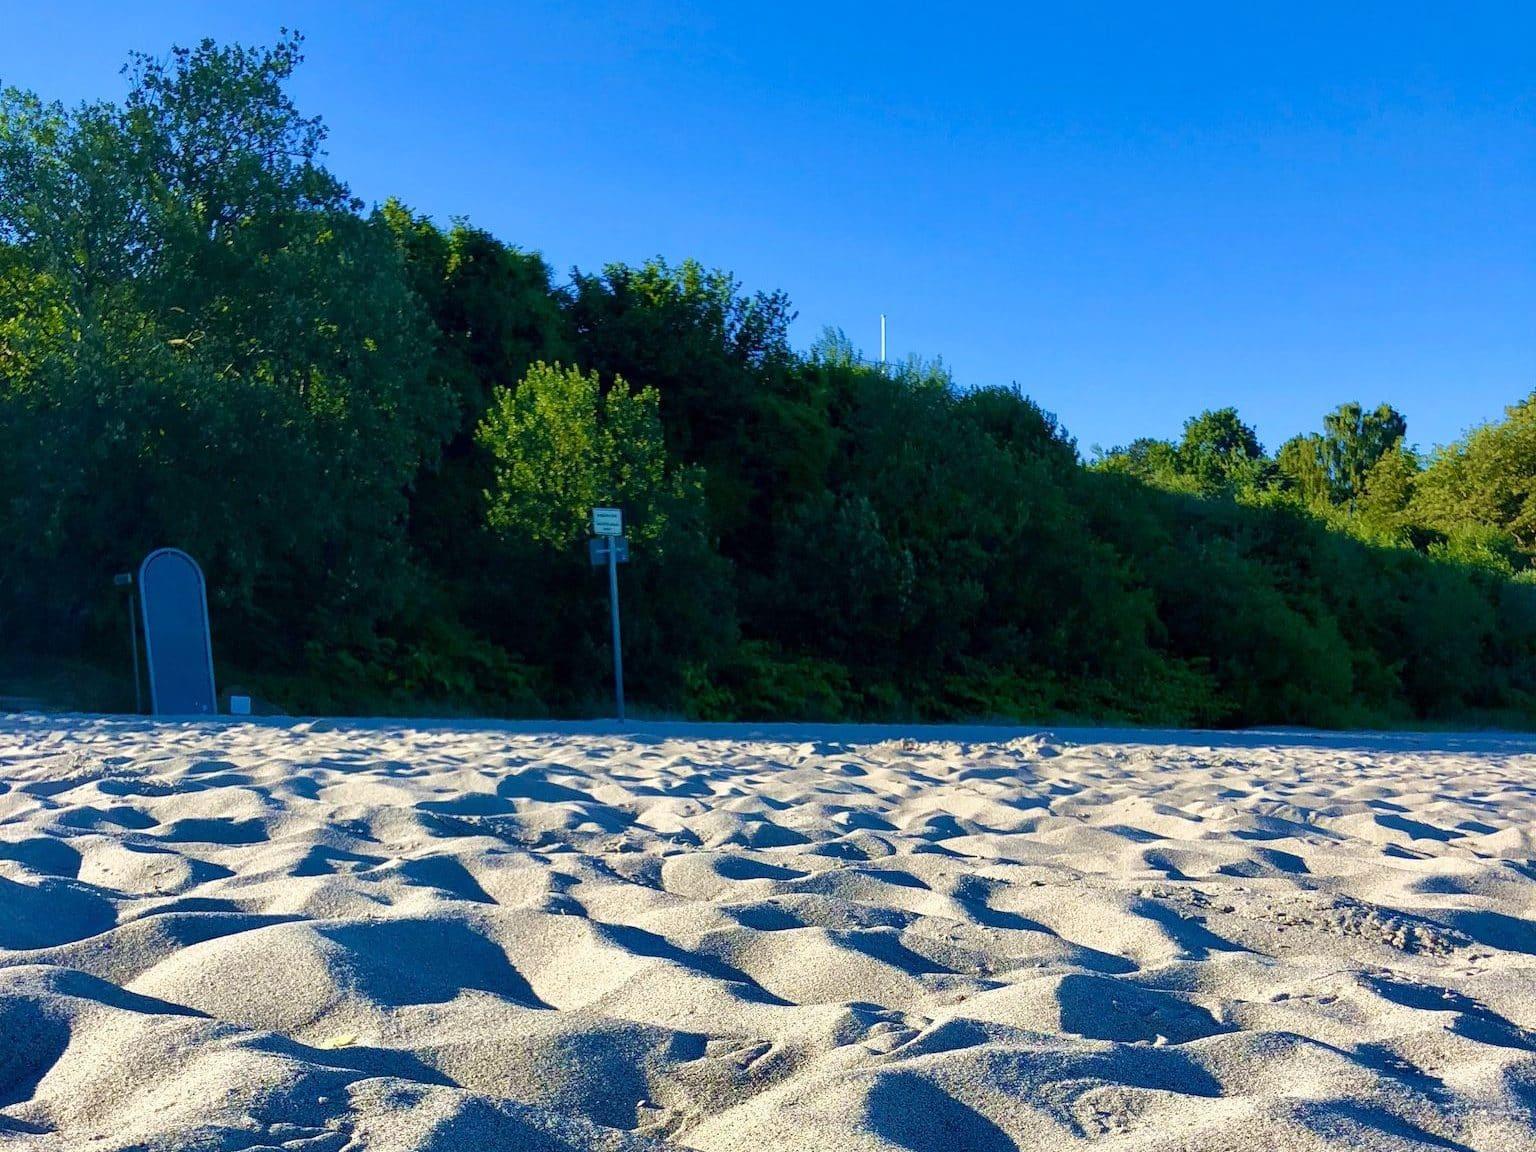 Feiner, weißer Sand: Der Strand von Sierksdorf ist ein herrlicher Sandstrand. Foto: Sascha Tegtmeyer